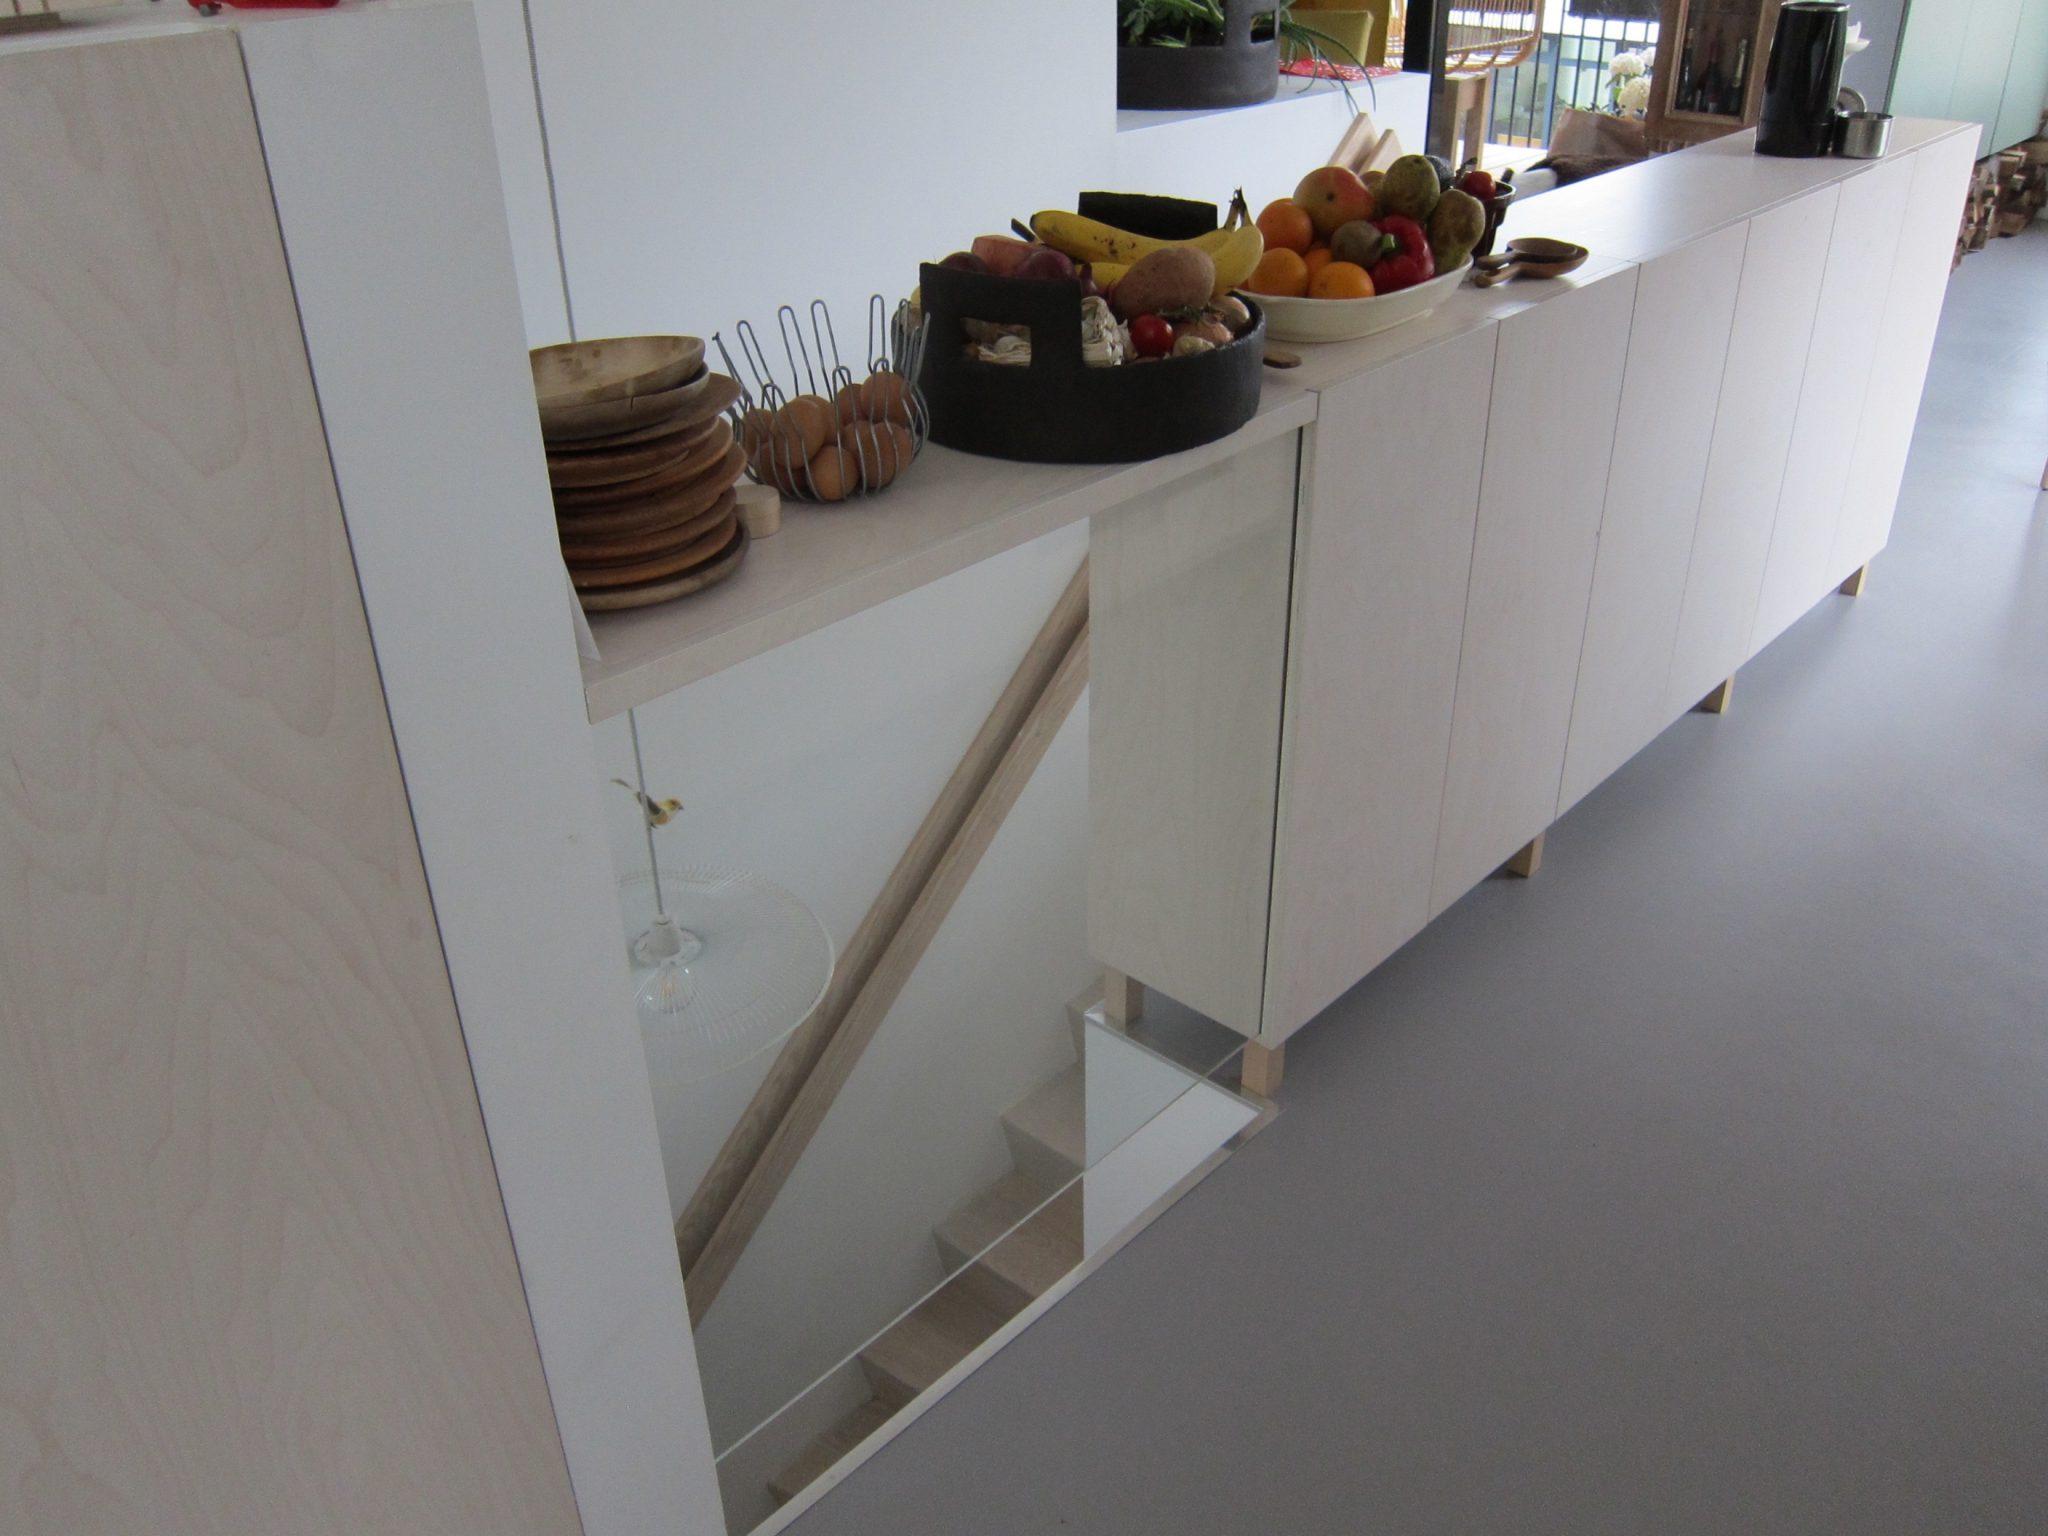 Keuken amsterdam west vincent niekerk meubelmaker for Meubelmaker amsterdam